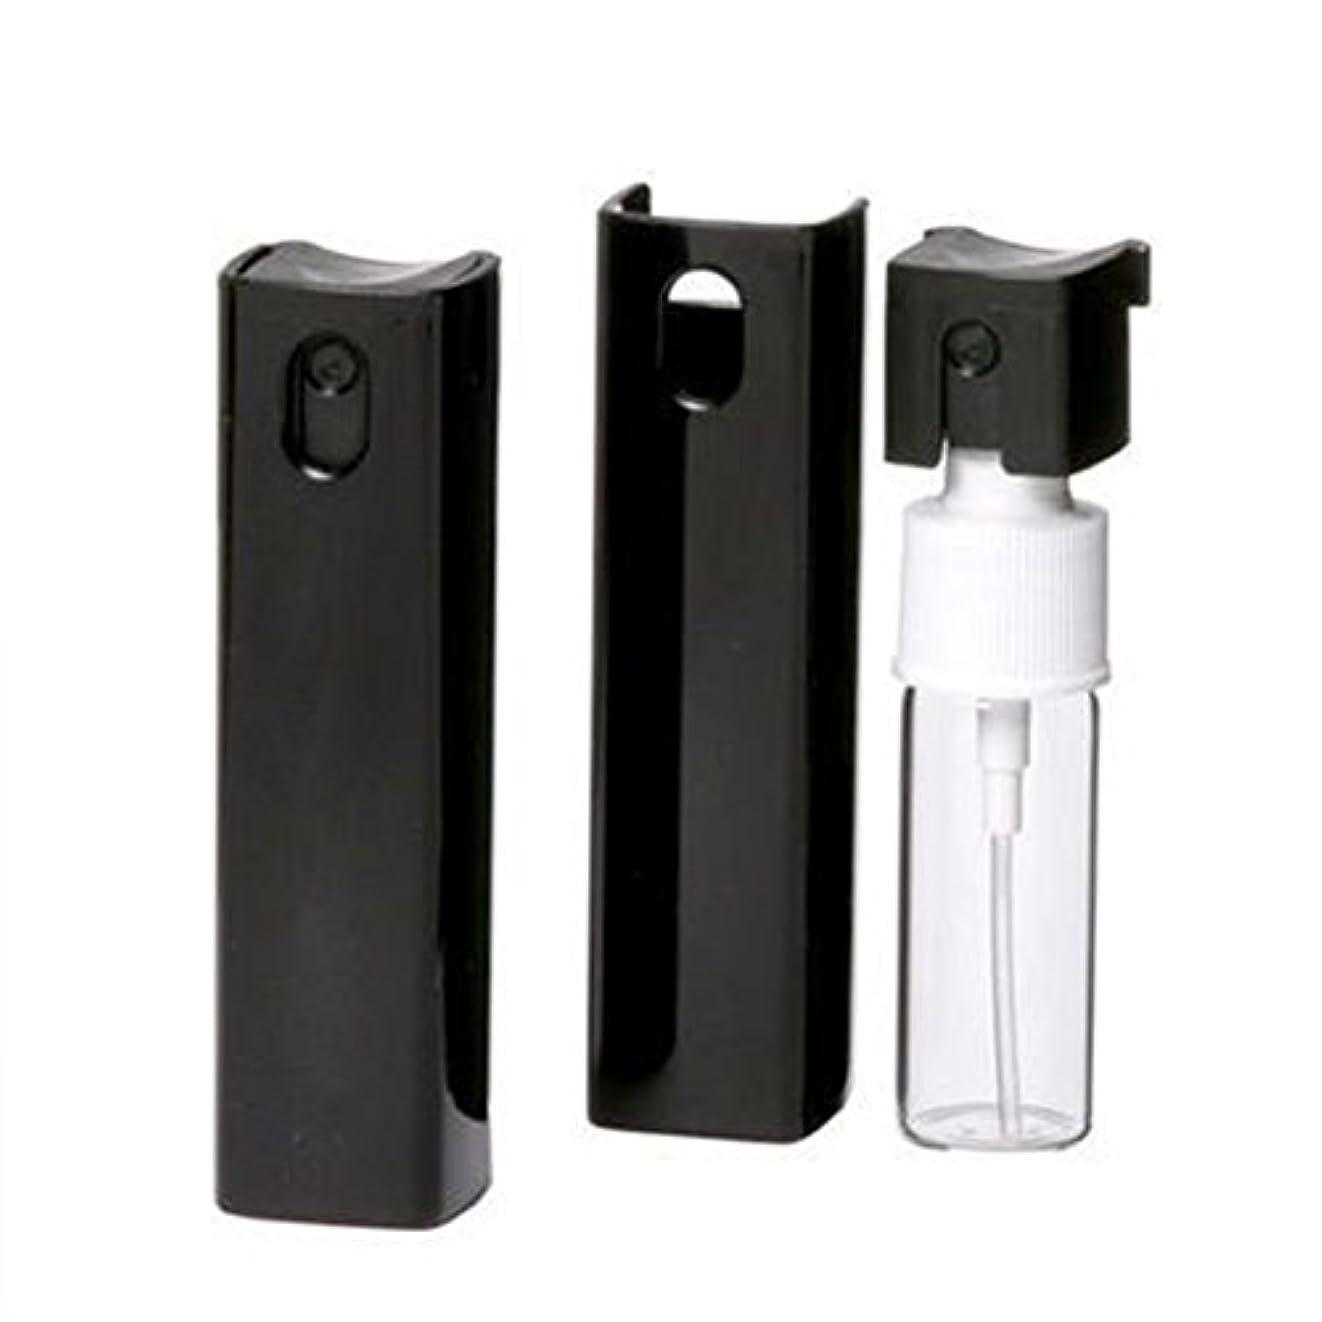 効果的インディカ潜むShopXJ 香水 メンズ アトマイザー 大人 男性 プッシュ式 詰め替え 持ち運び 身だしなみ 携帯用 10ml